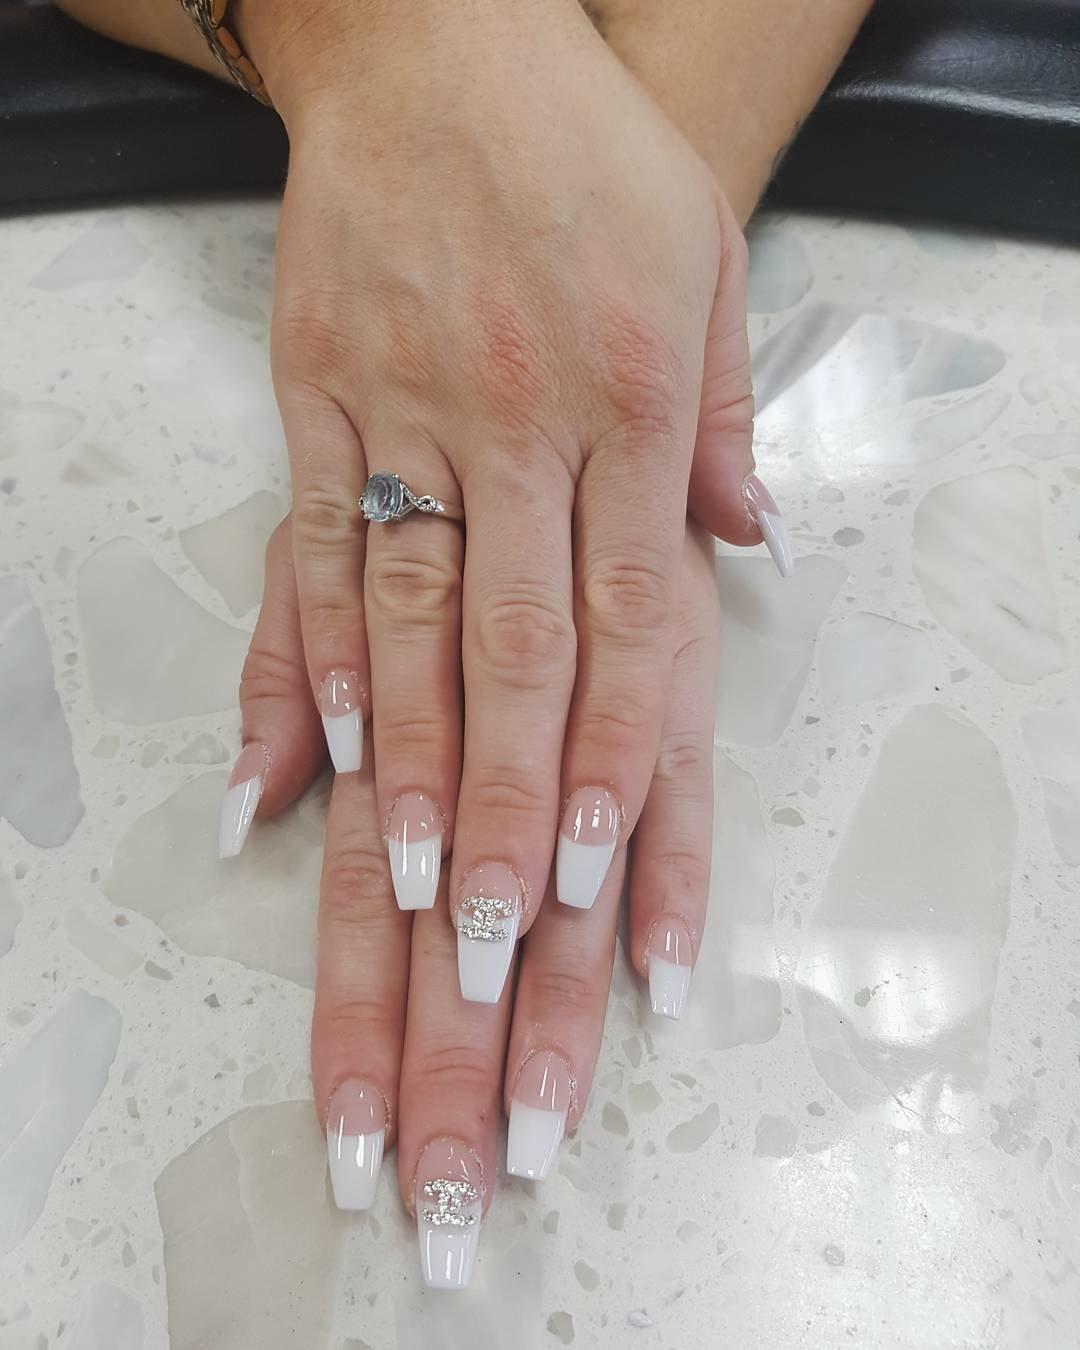 больше картинки белых ногтей на руках свежей